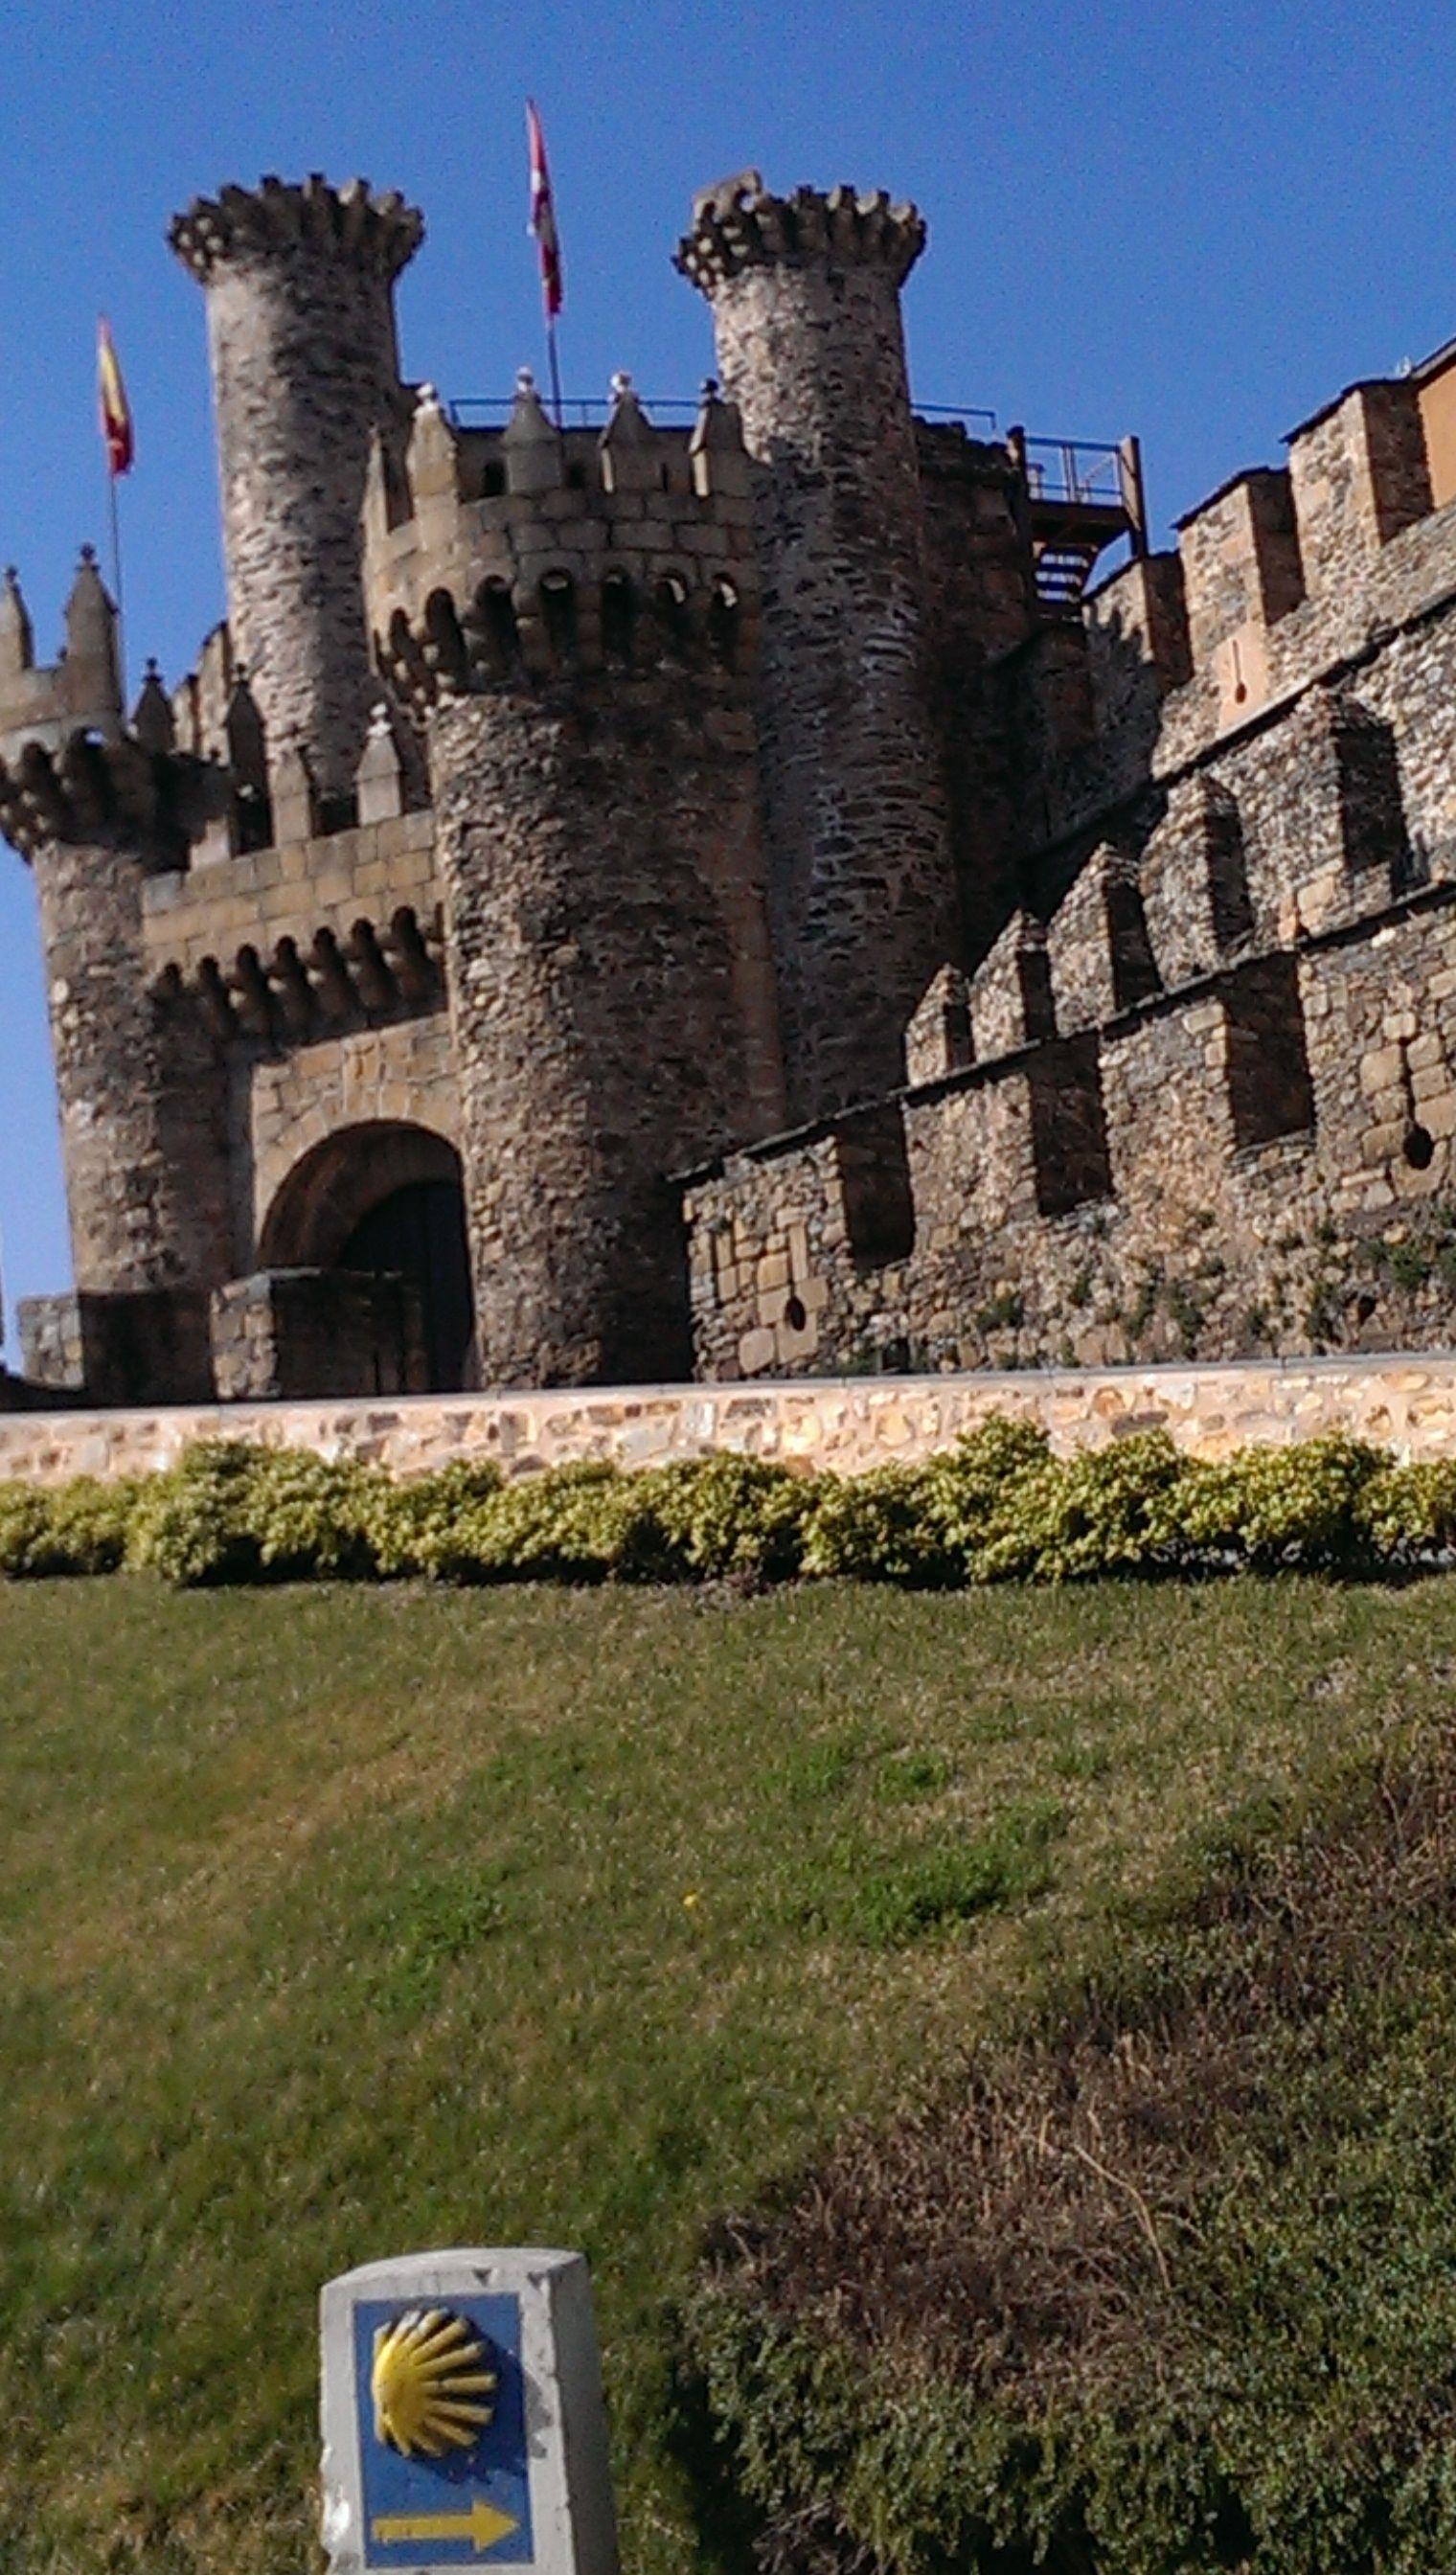 castillo de los templarios ponferrada lugares que me gustan